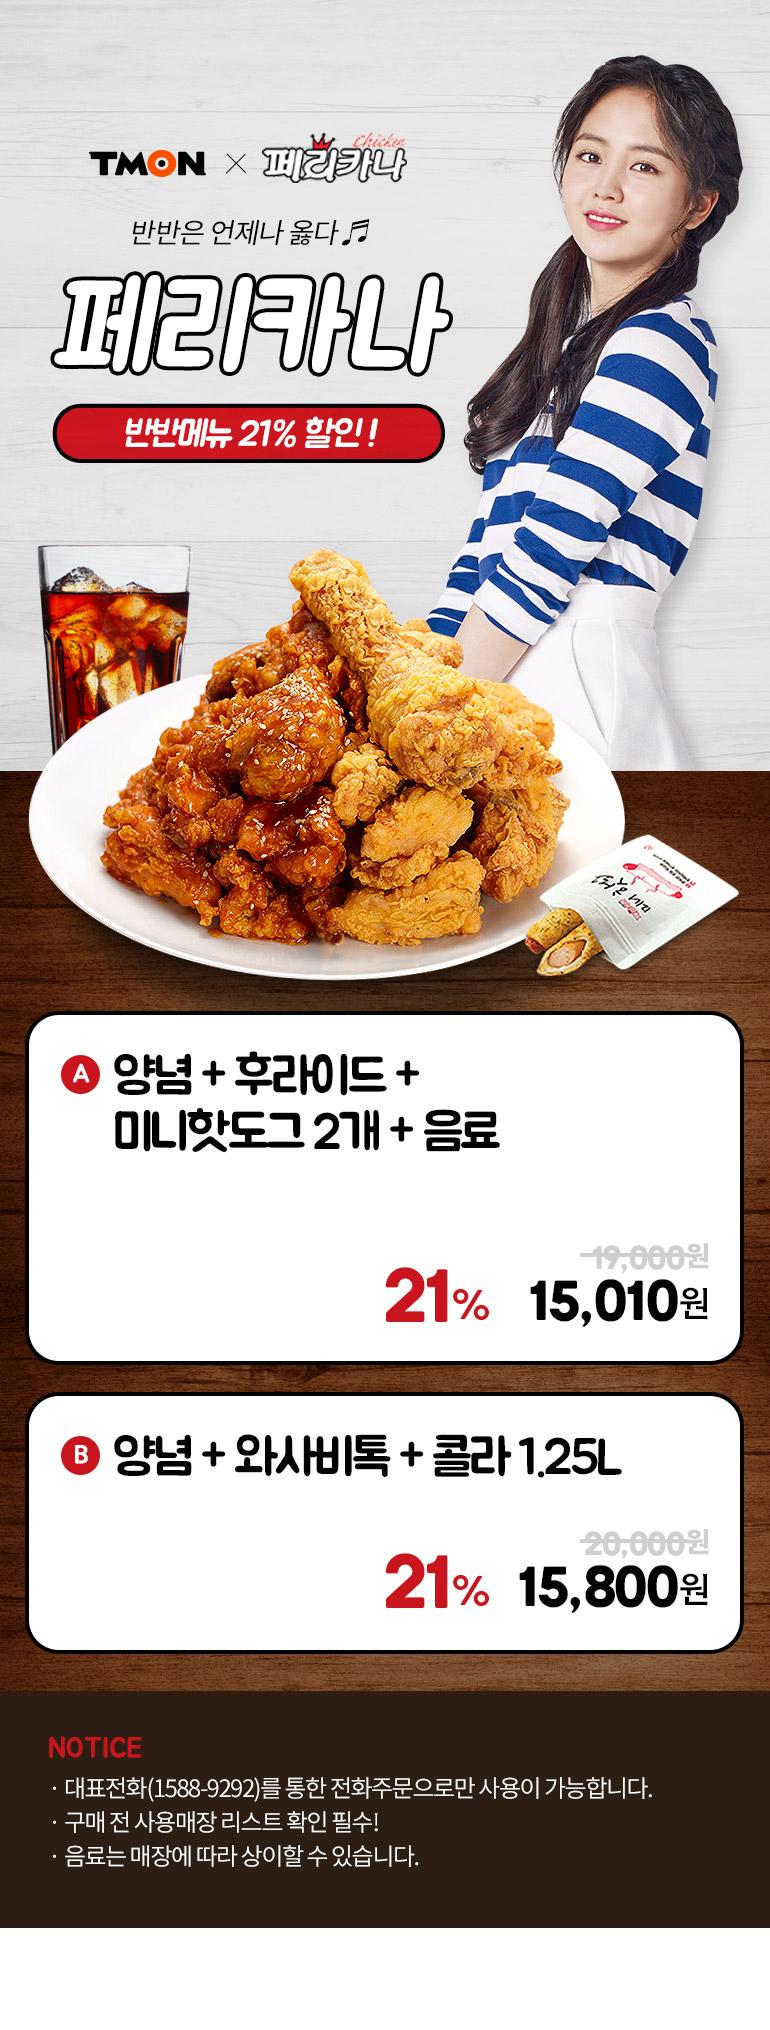 [식품]     [티몬] 페리카나 치킨 반반메뉴 21%할인 (15,010/무료)